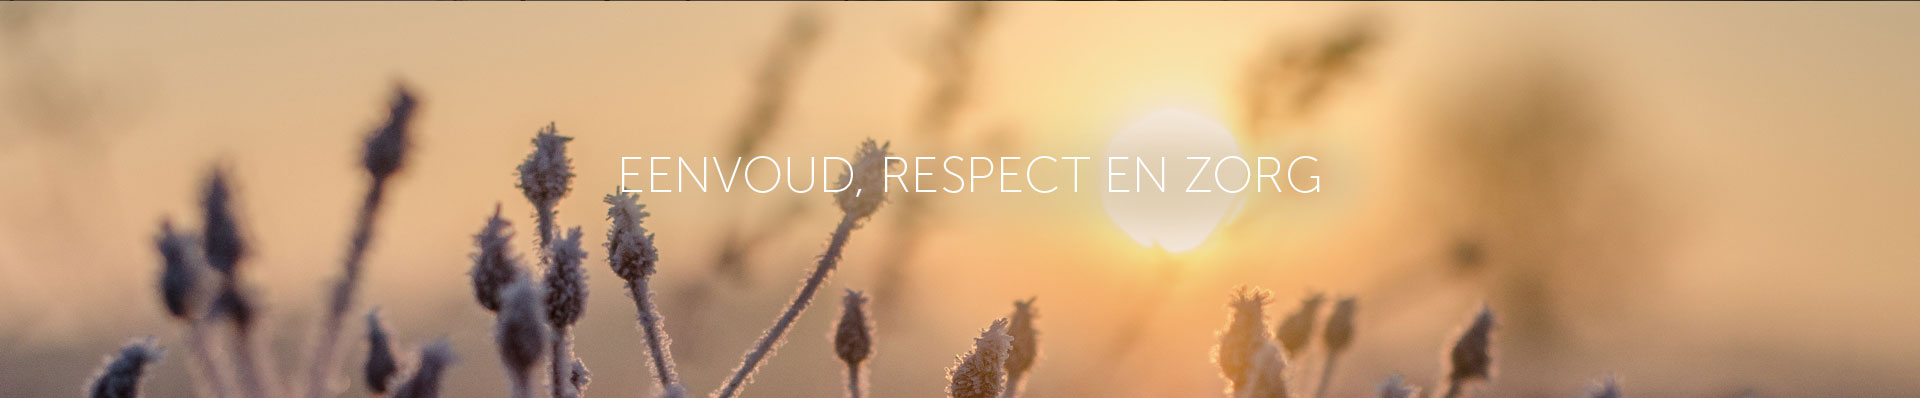 Eenvoud, respect en zorg